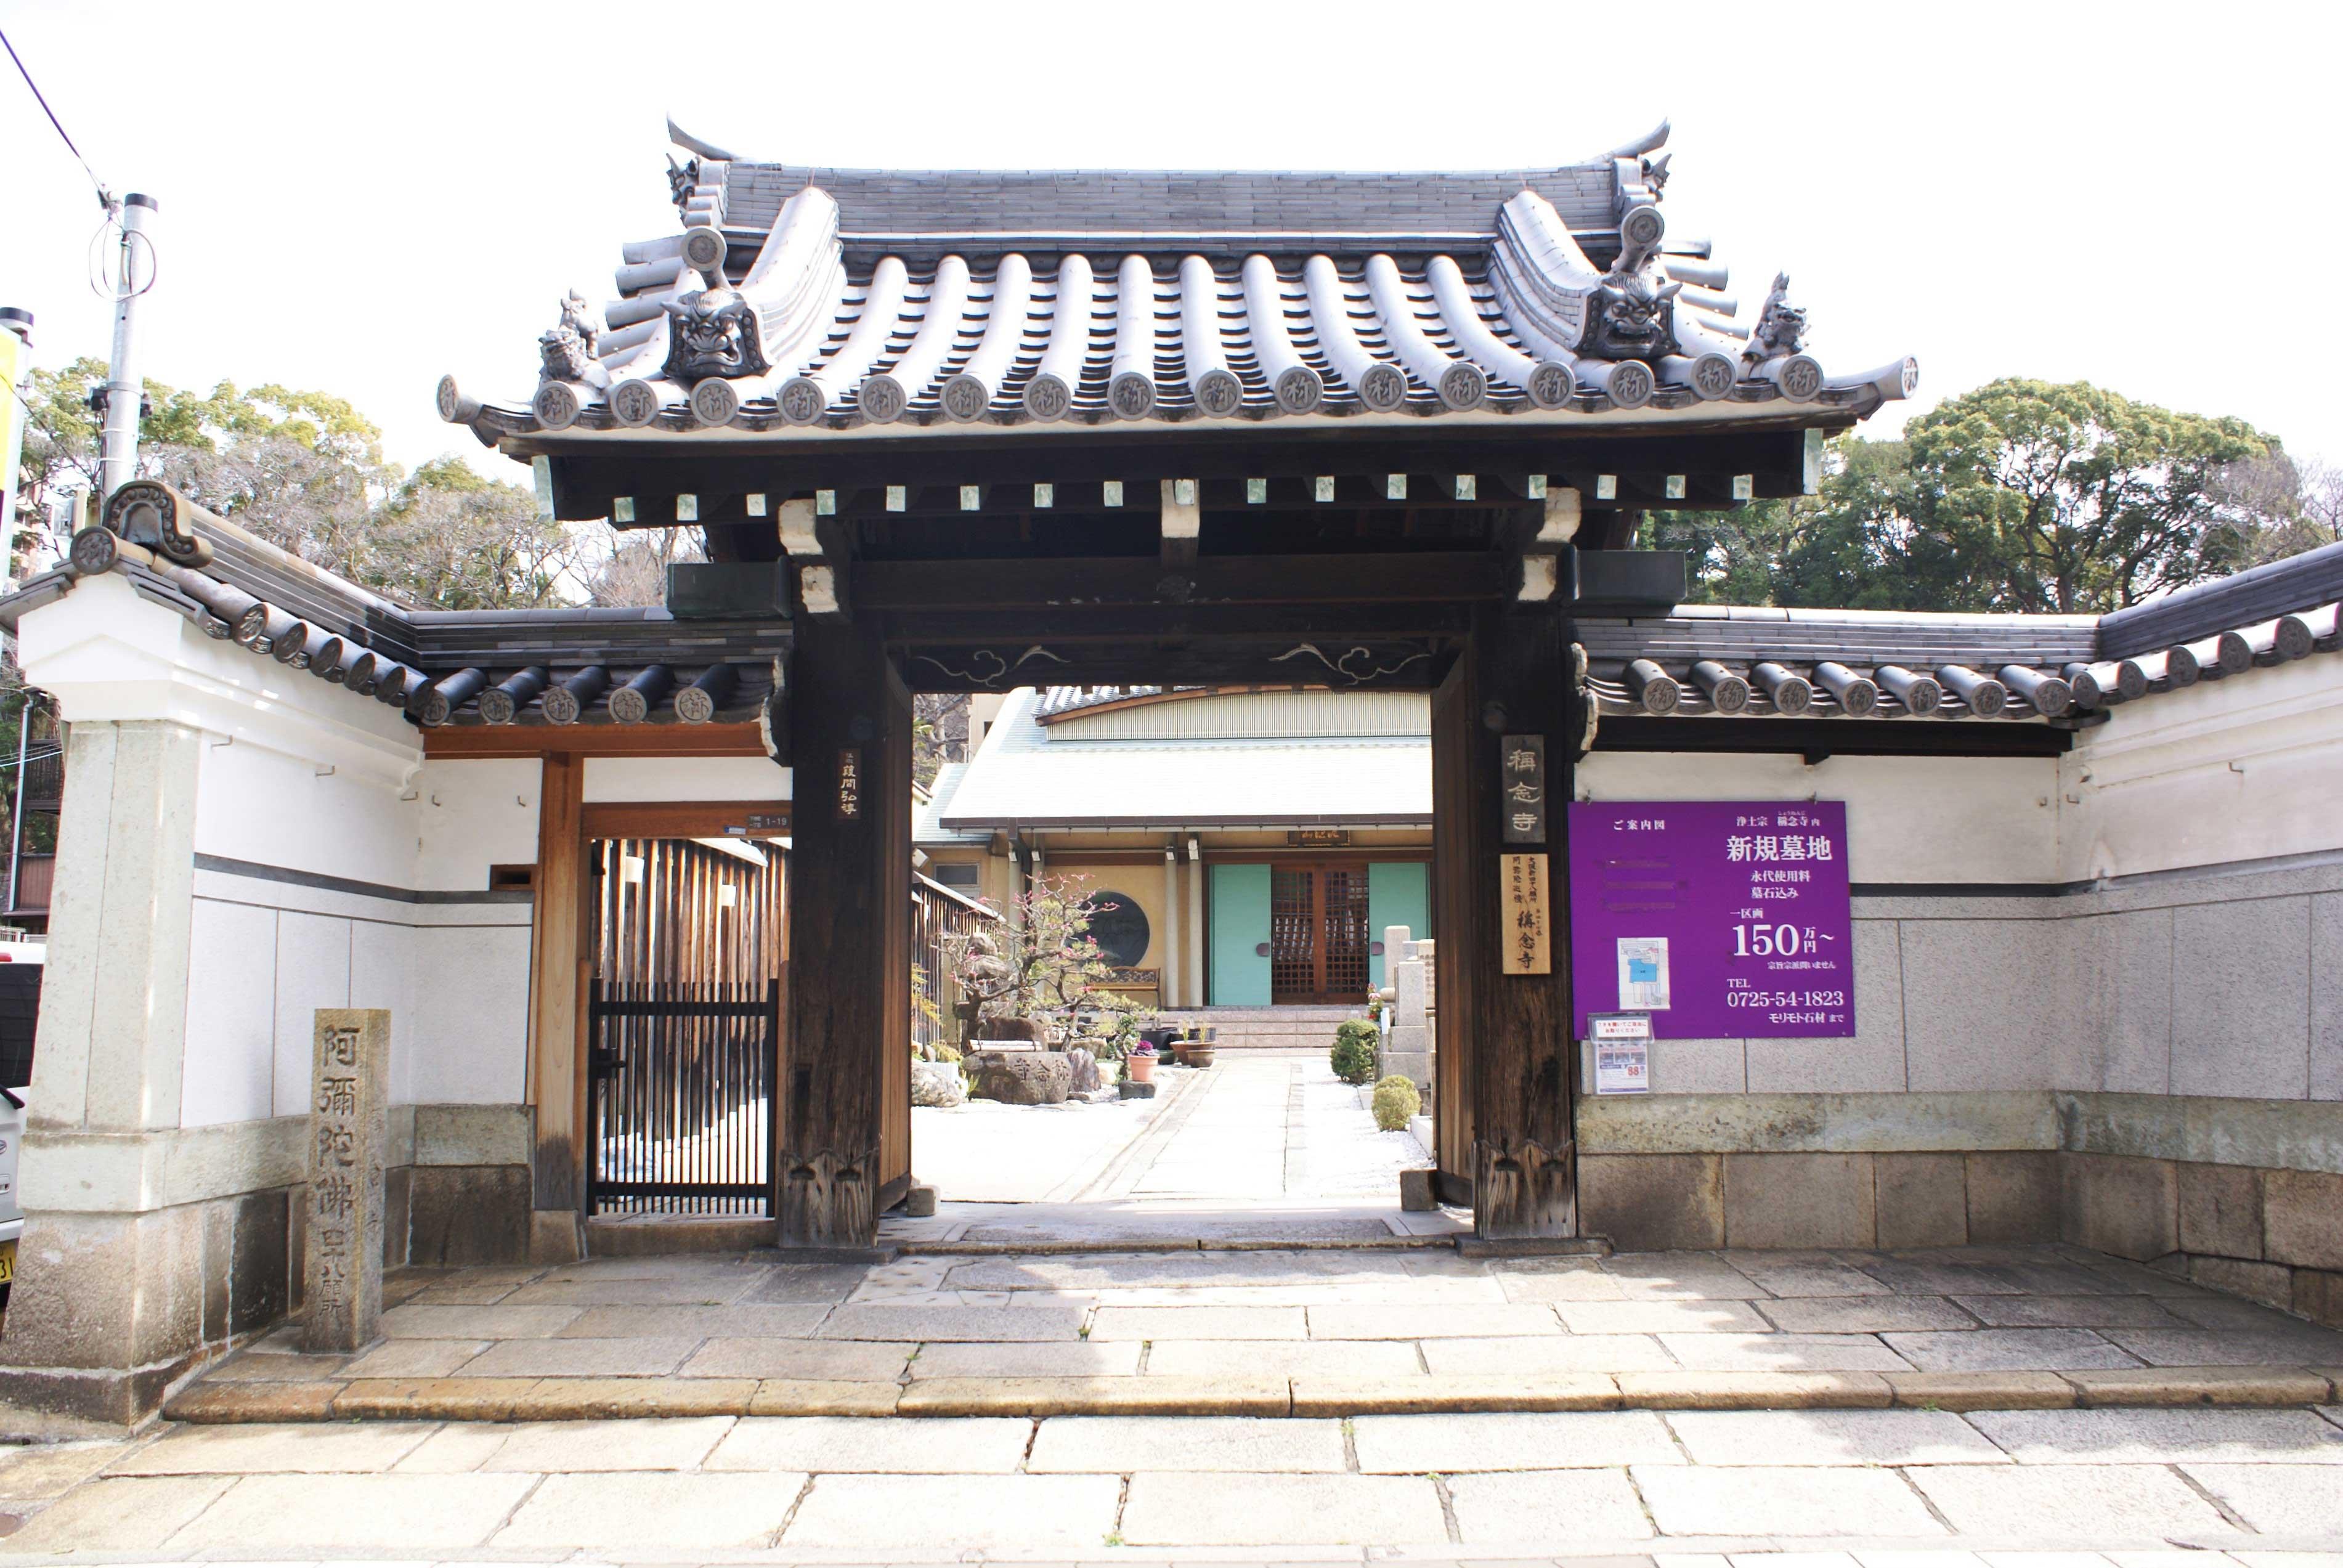 <p>松屋町筋から見る山門</p>装飾を抑えた簡素な一間薬医門であるが、細部に、シンプルながらも洗練された江戸中期らしい意匠を示す。